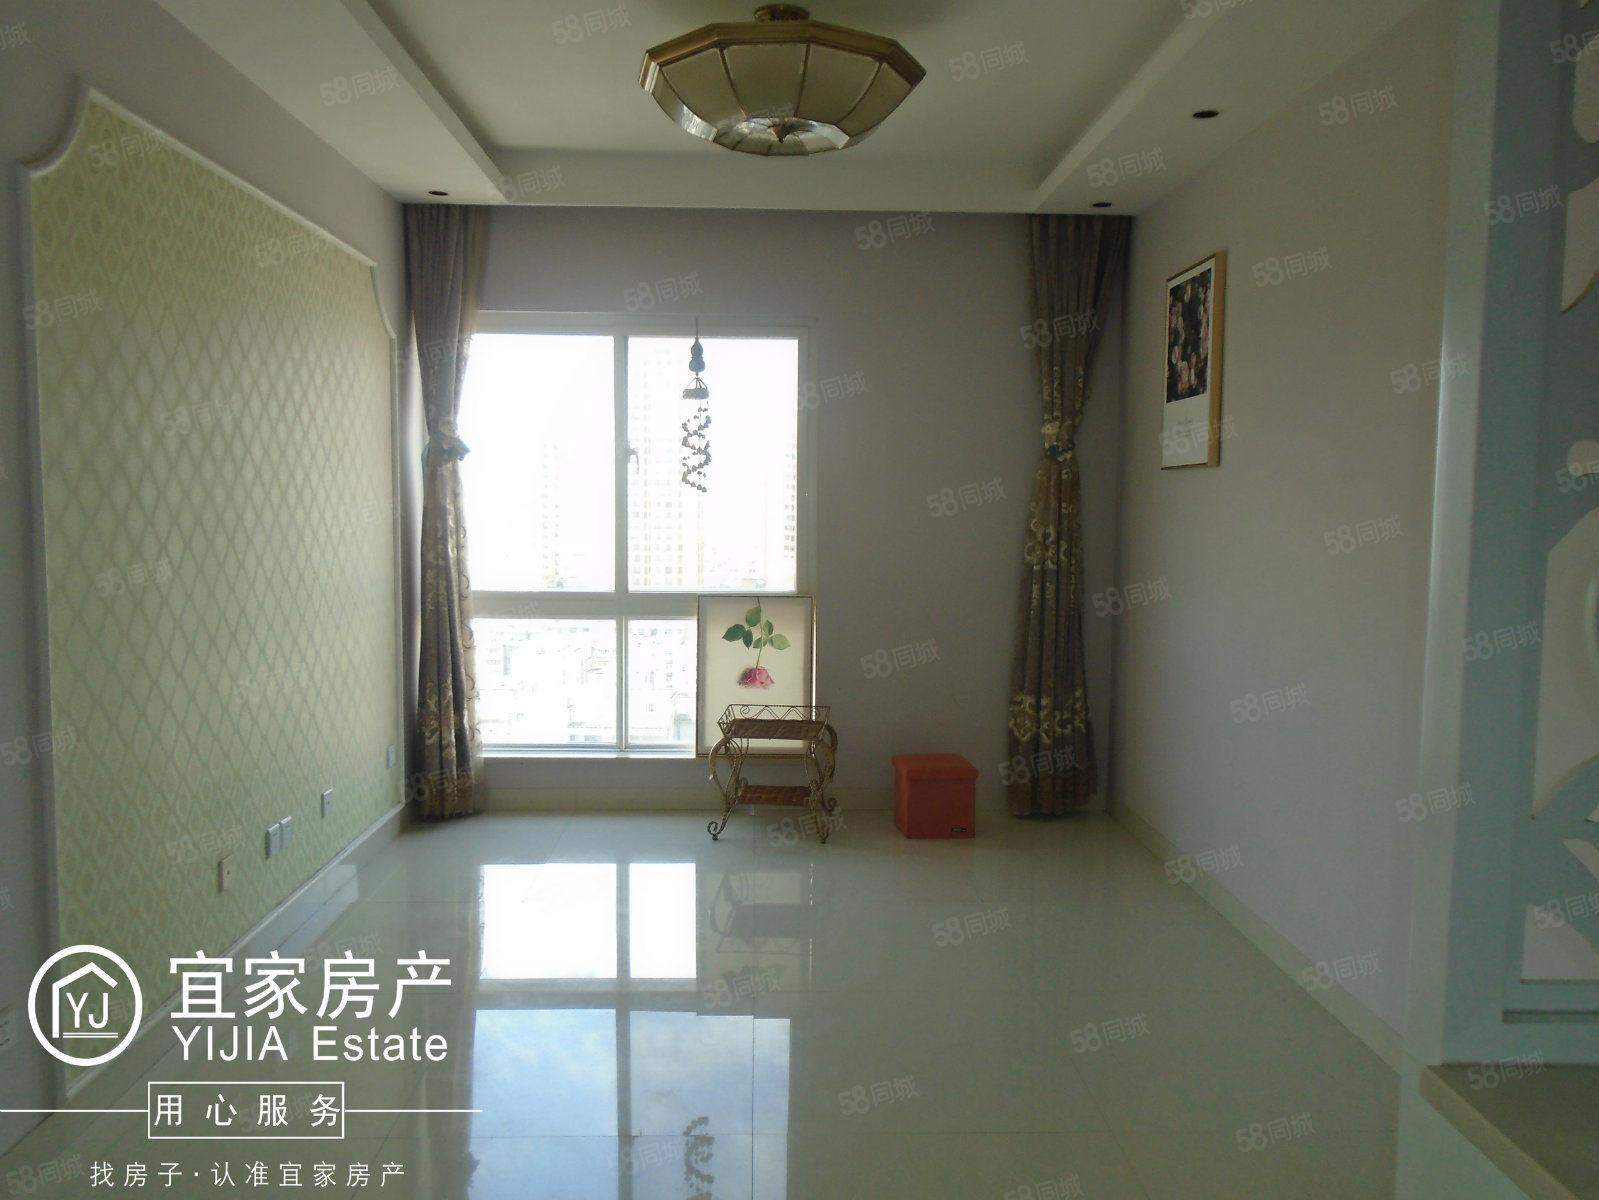 家佳大厦,73平米,2室2厅1卫,精装修,带部分家具澳门金沙平台